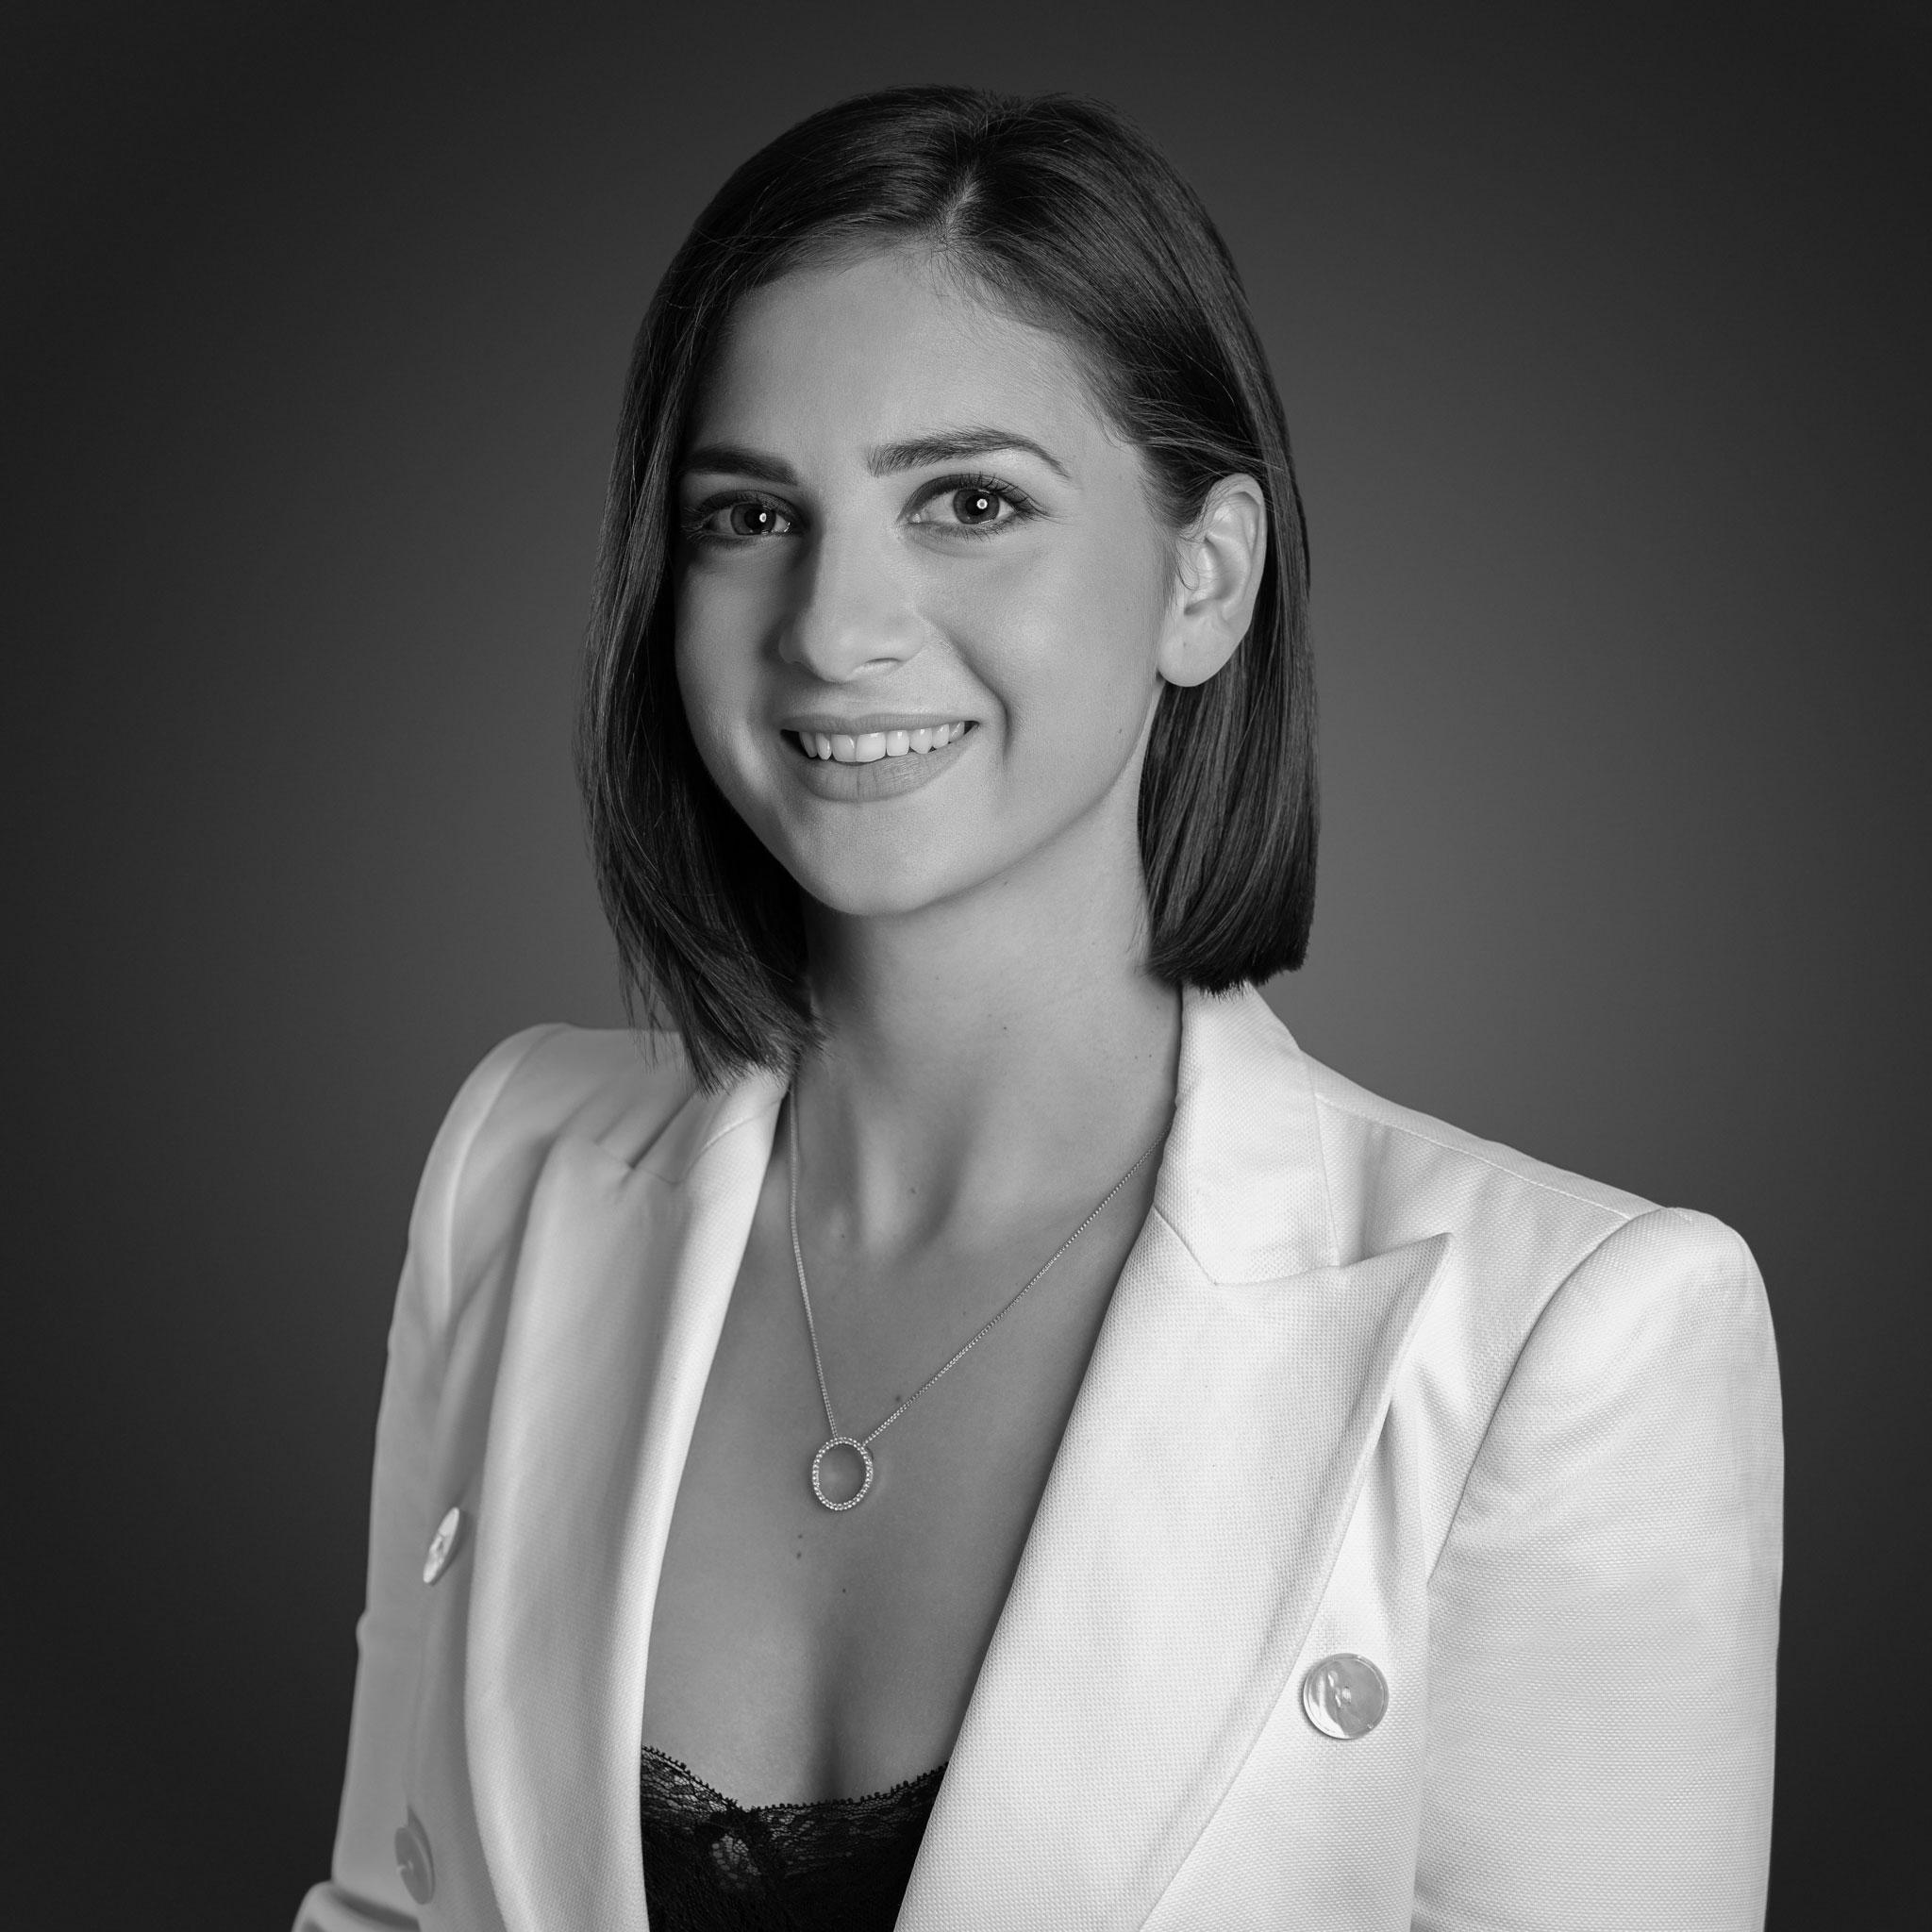 Giovanna Ayoub